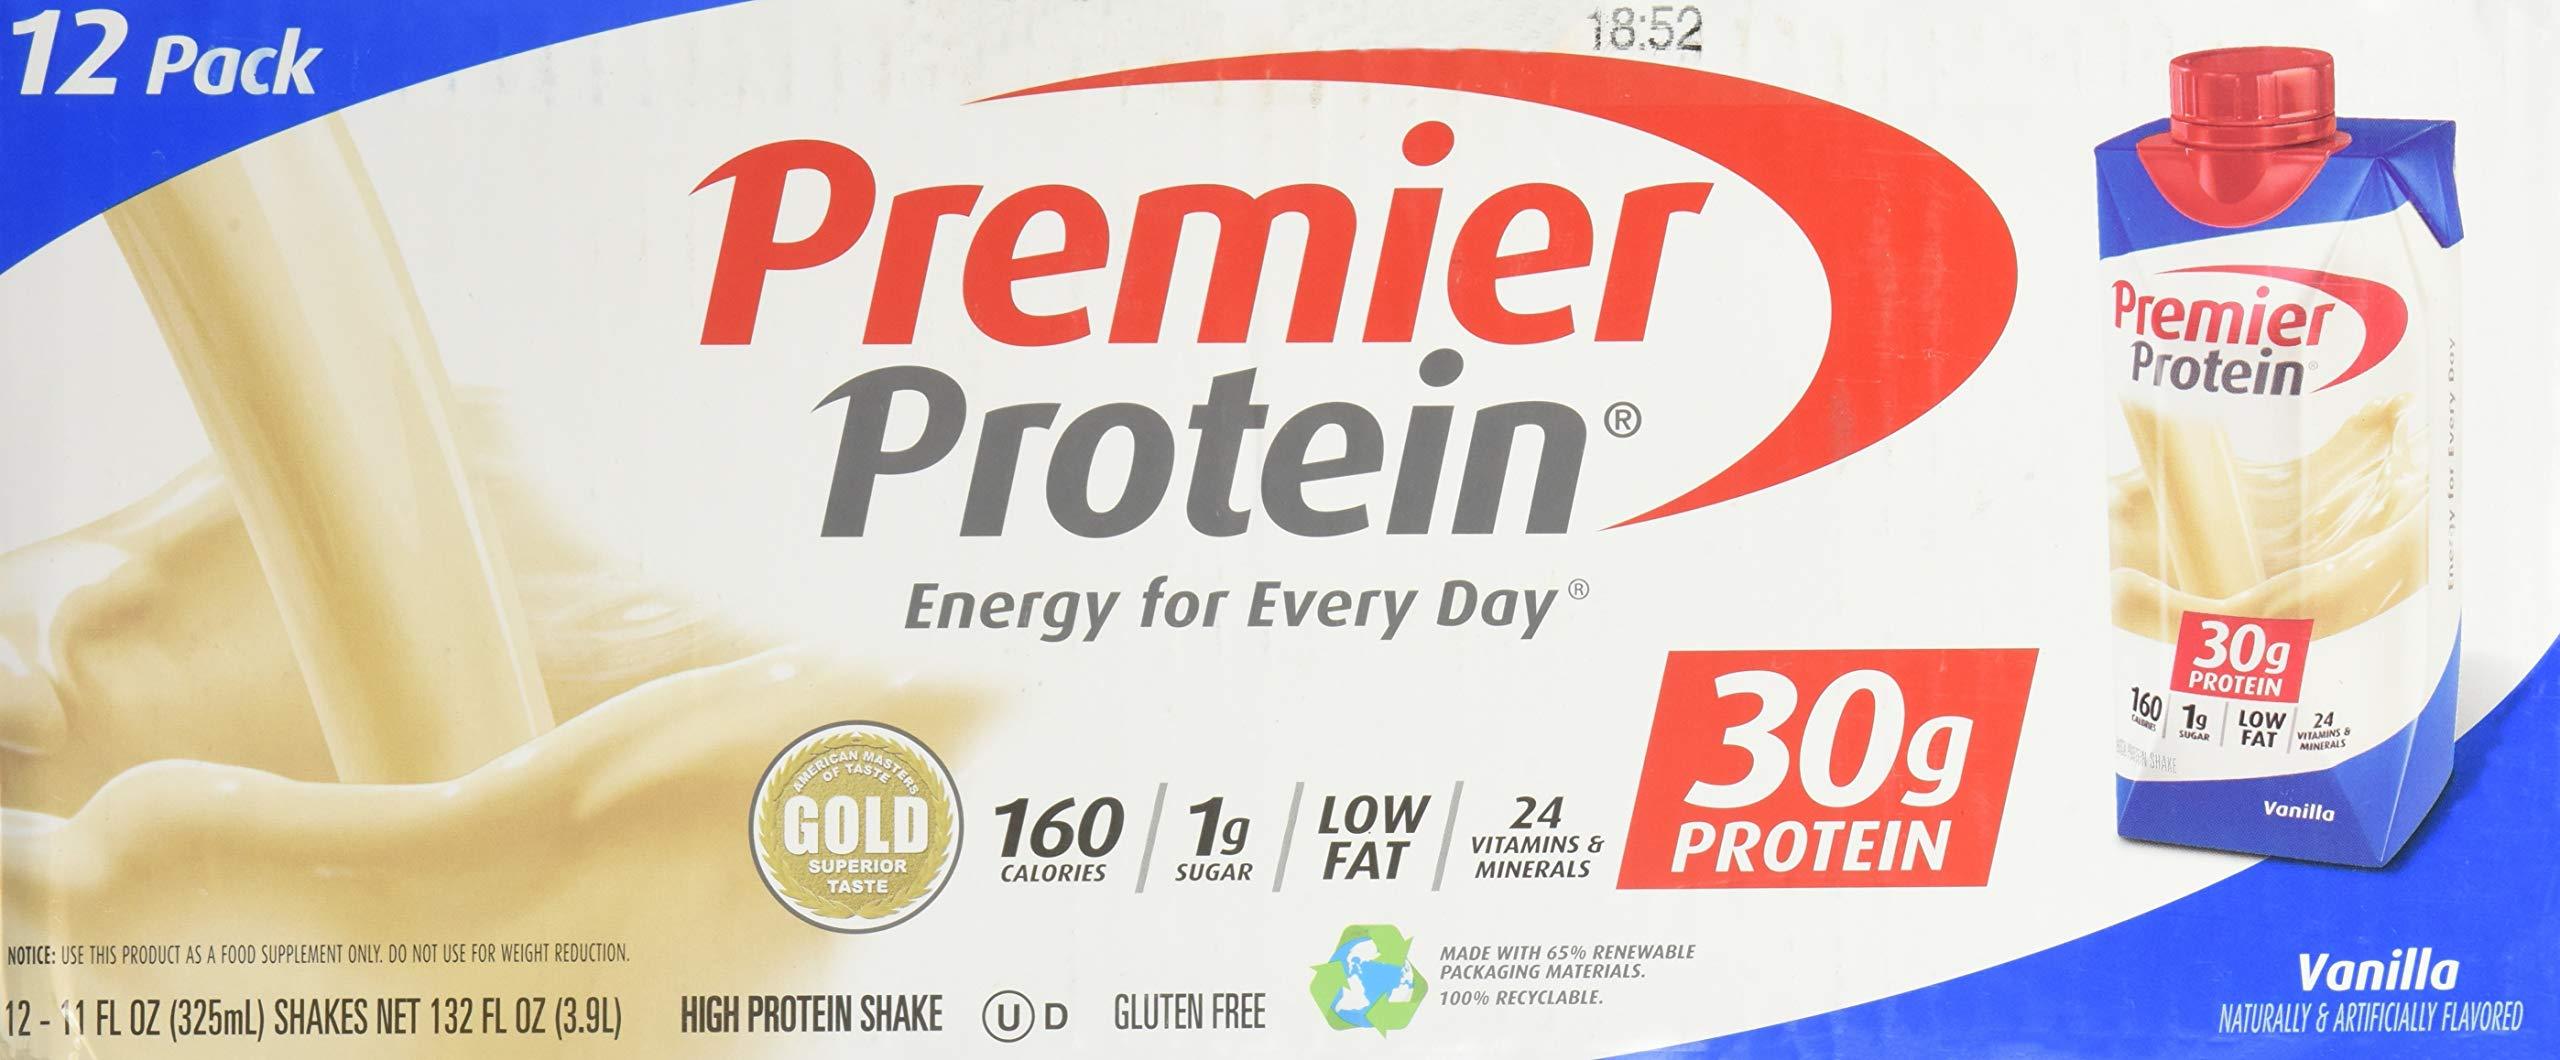 Premier Protein 30g Protein Shakes. (Vanilla (11 Fl. Oz, 12 Pack)) by Premier Protein